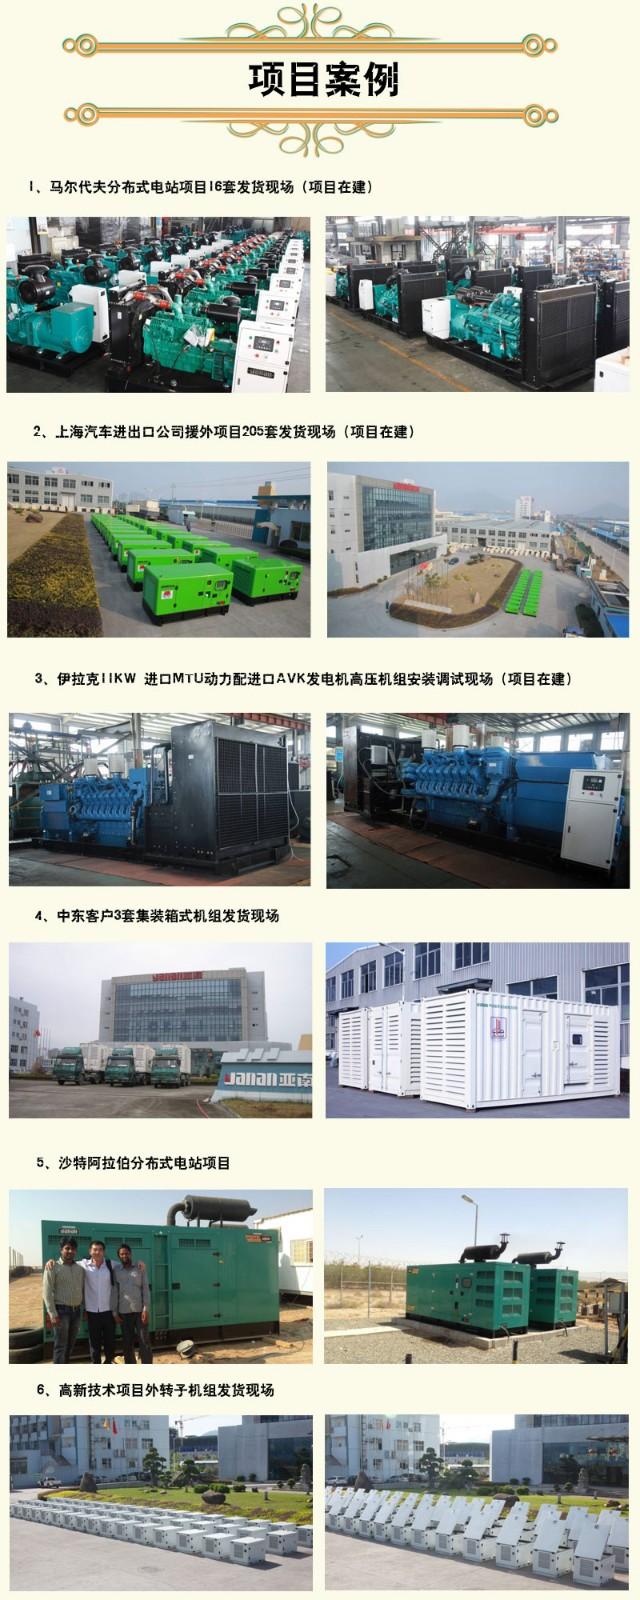 100KW亚南D系列柴油发电机组厂家直销图片四